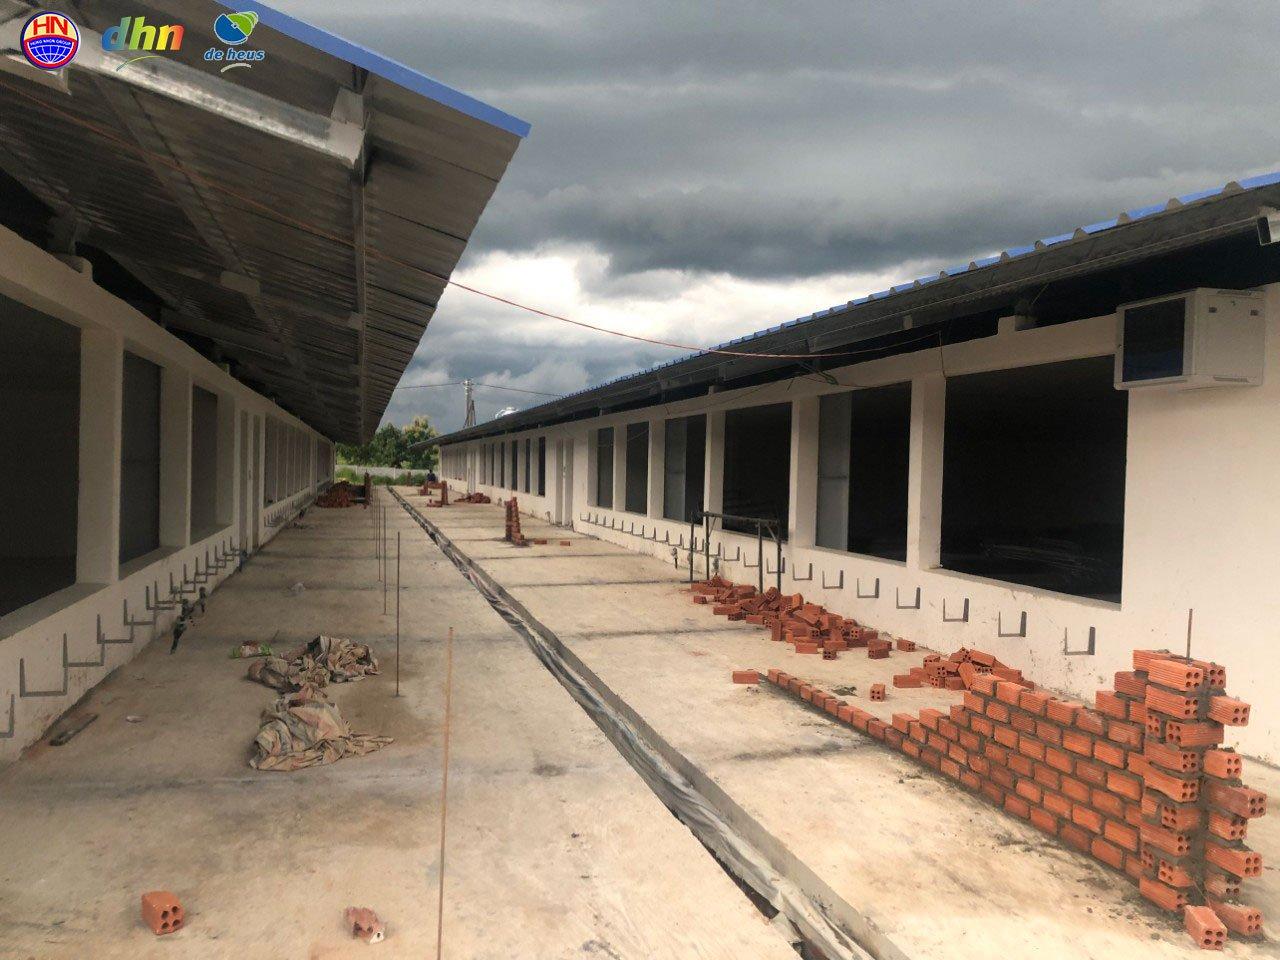 Đắk Lắk chuẩn bị có trại heo cụ kị 10.000 con, lớn nhất Tây Nguyên - Ảnh 2.